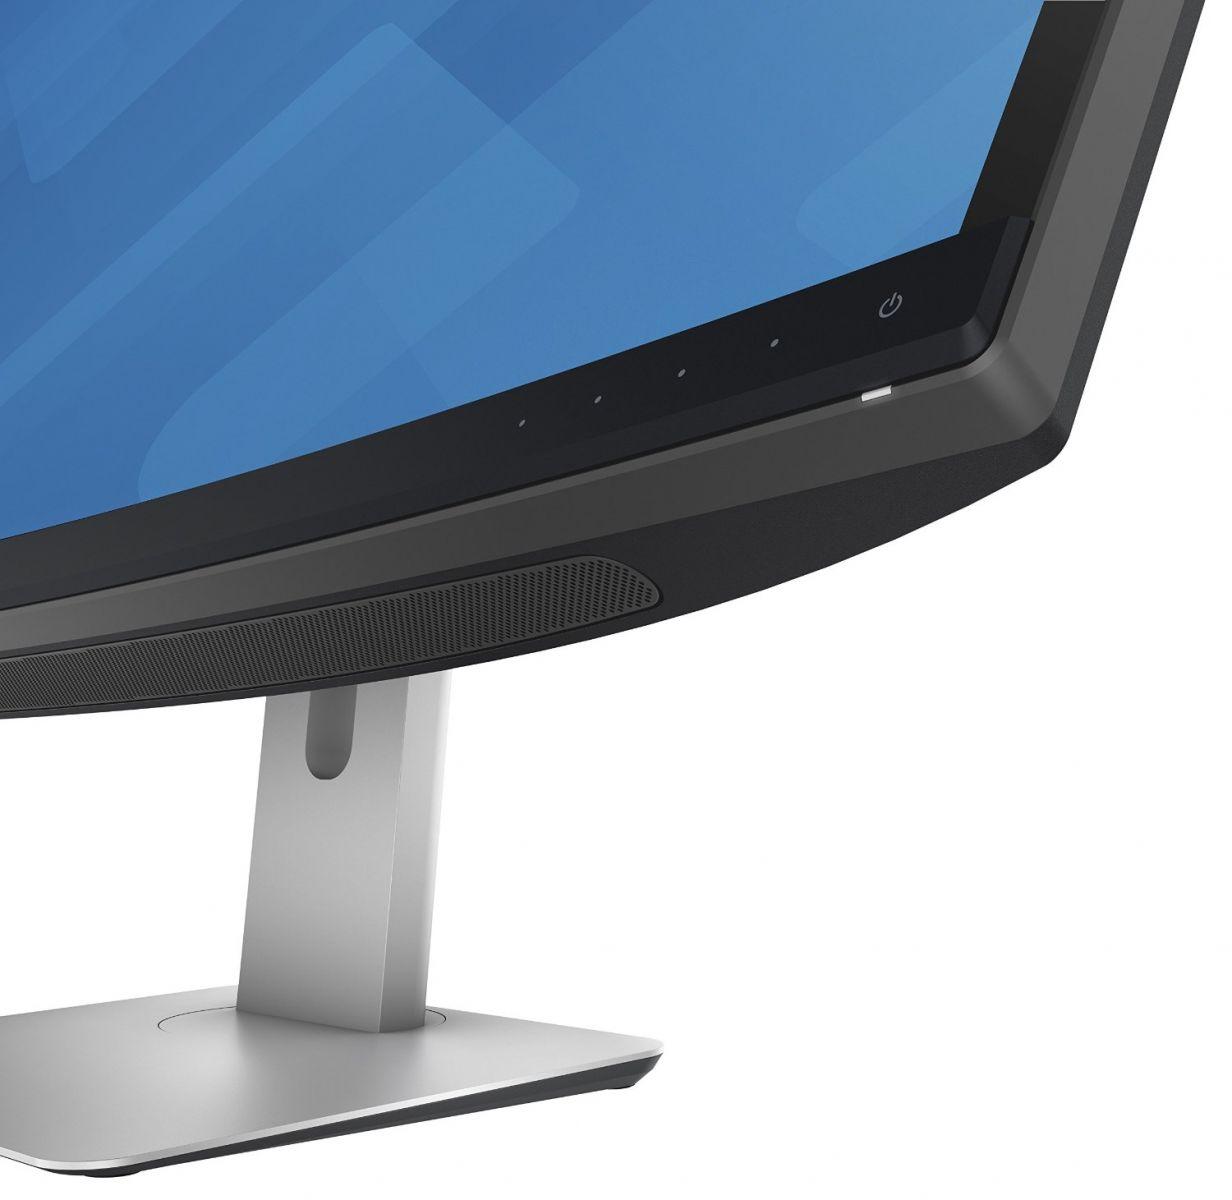 จำหน่าย ขาย Dell Ultrasharp 34 Curved Monitor U3415w